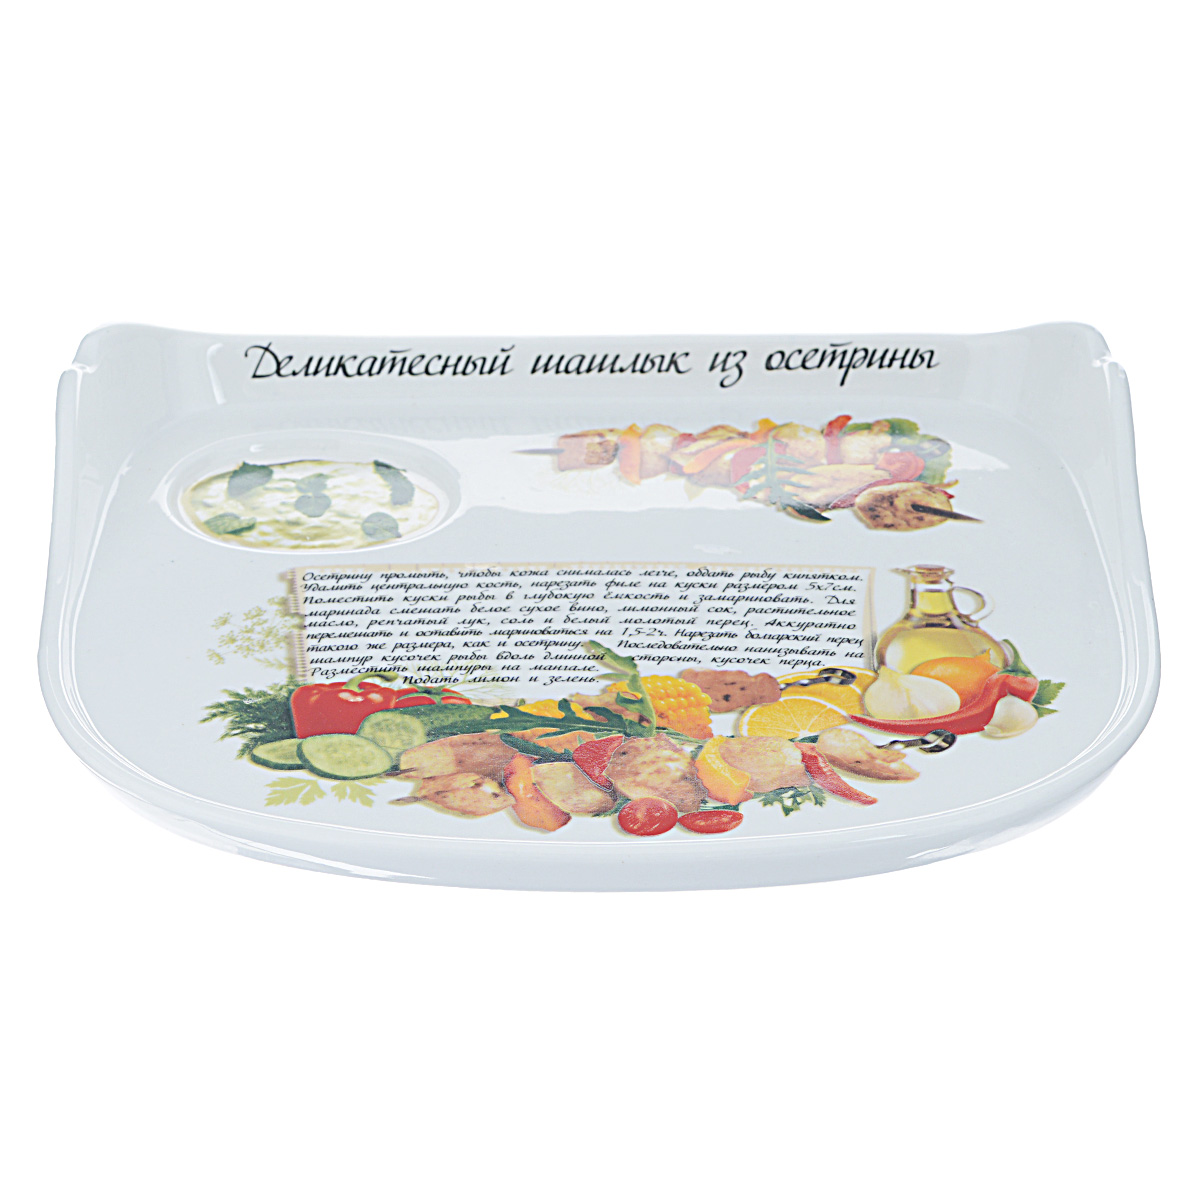 """Блюдо LarangE """"Деликатесный шашлык из осетрины"""", цвет: белый, 24,5 см х 19,5 см"""